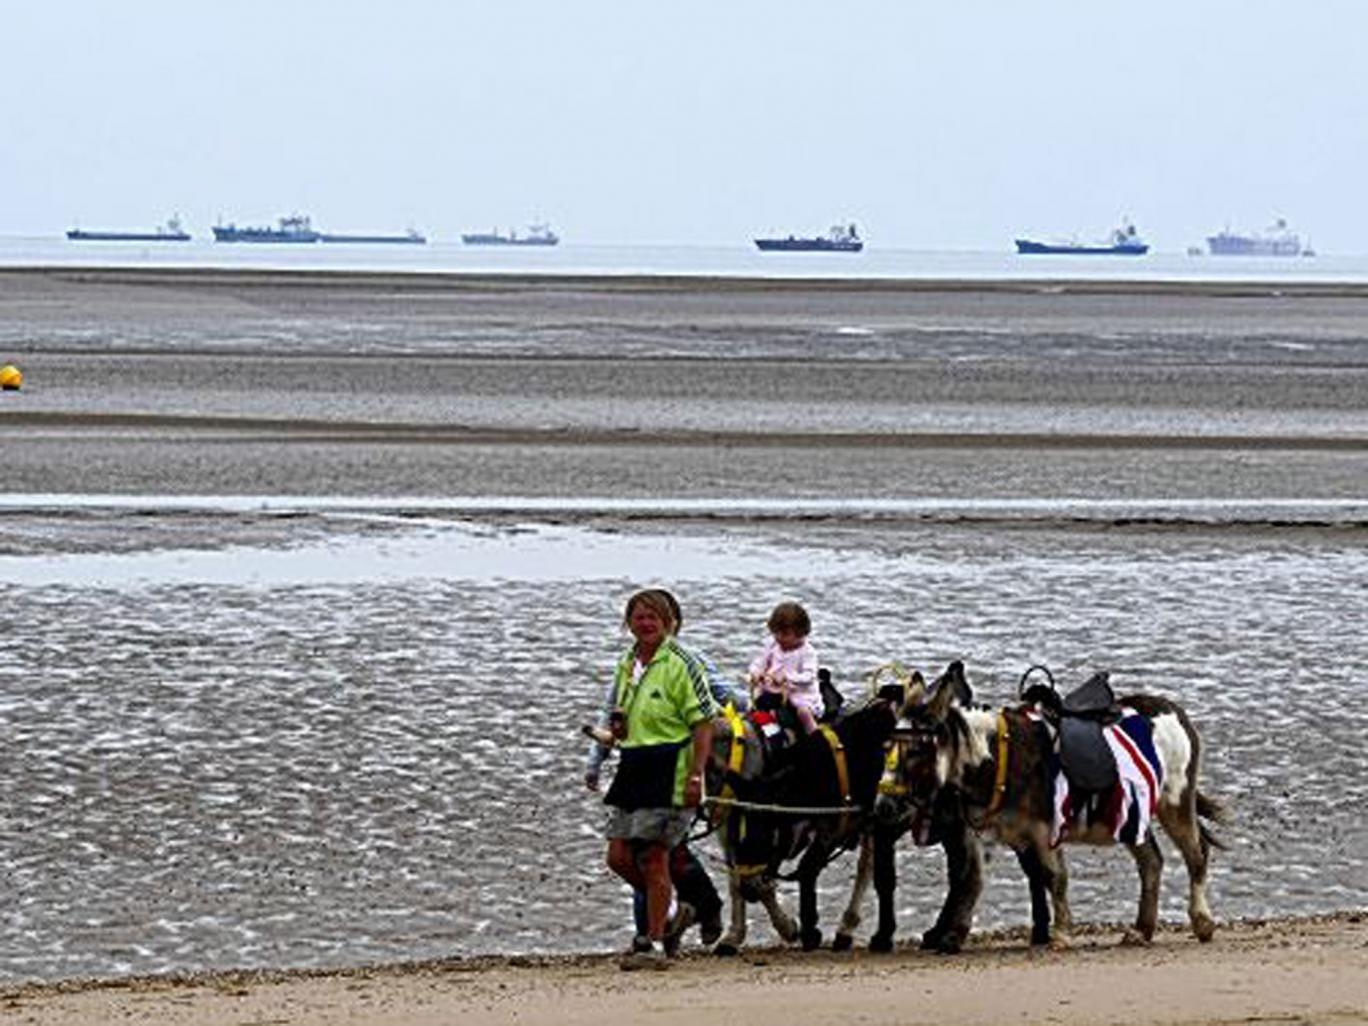 Water works: Cleethorpes Beach